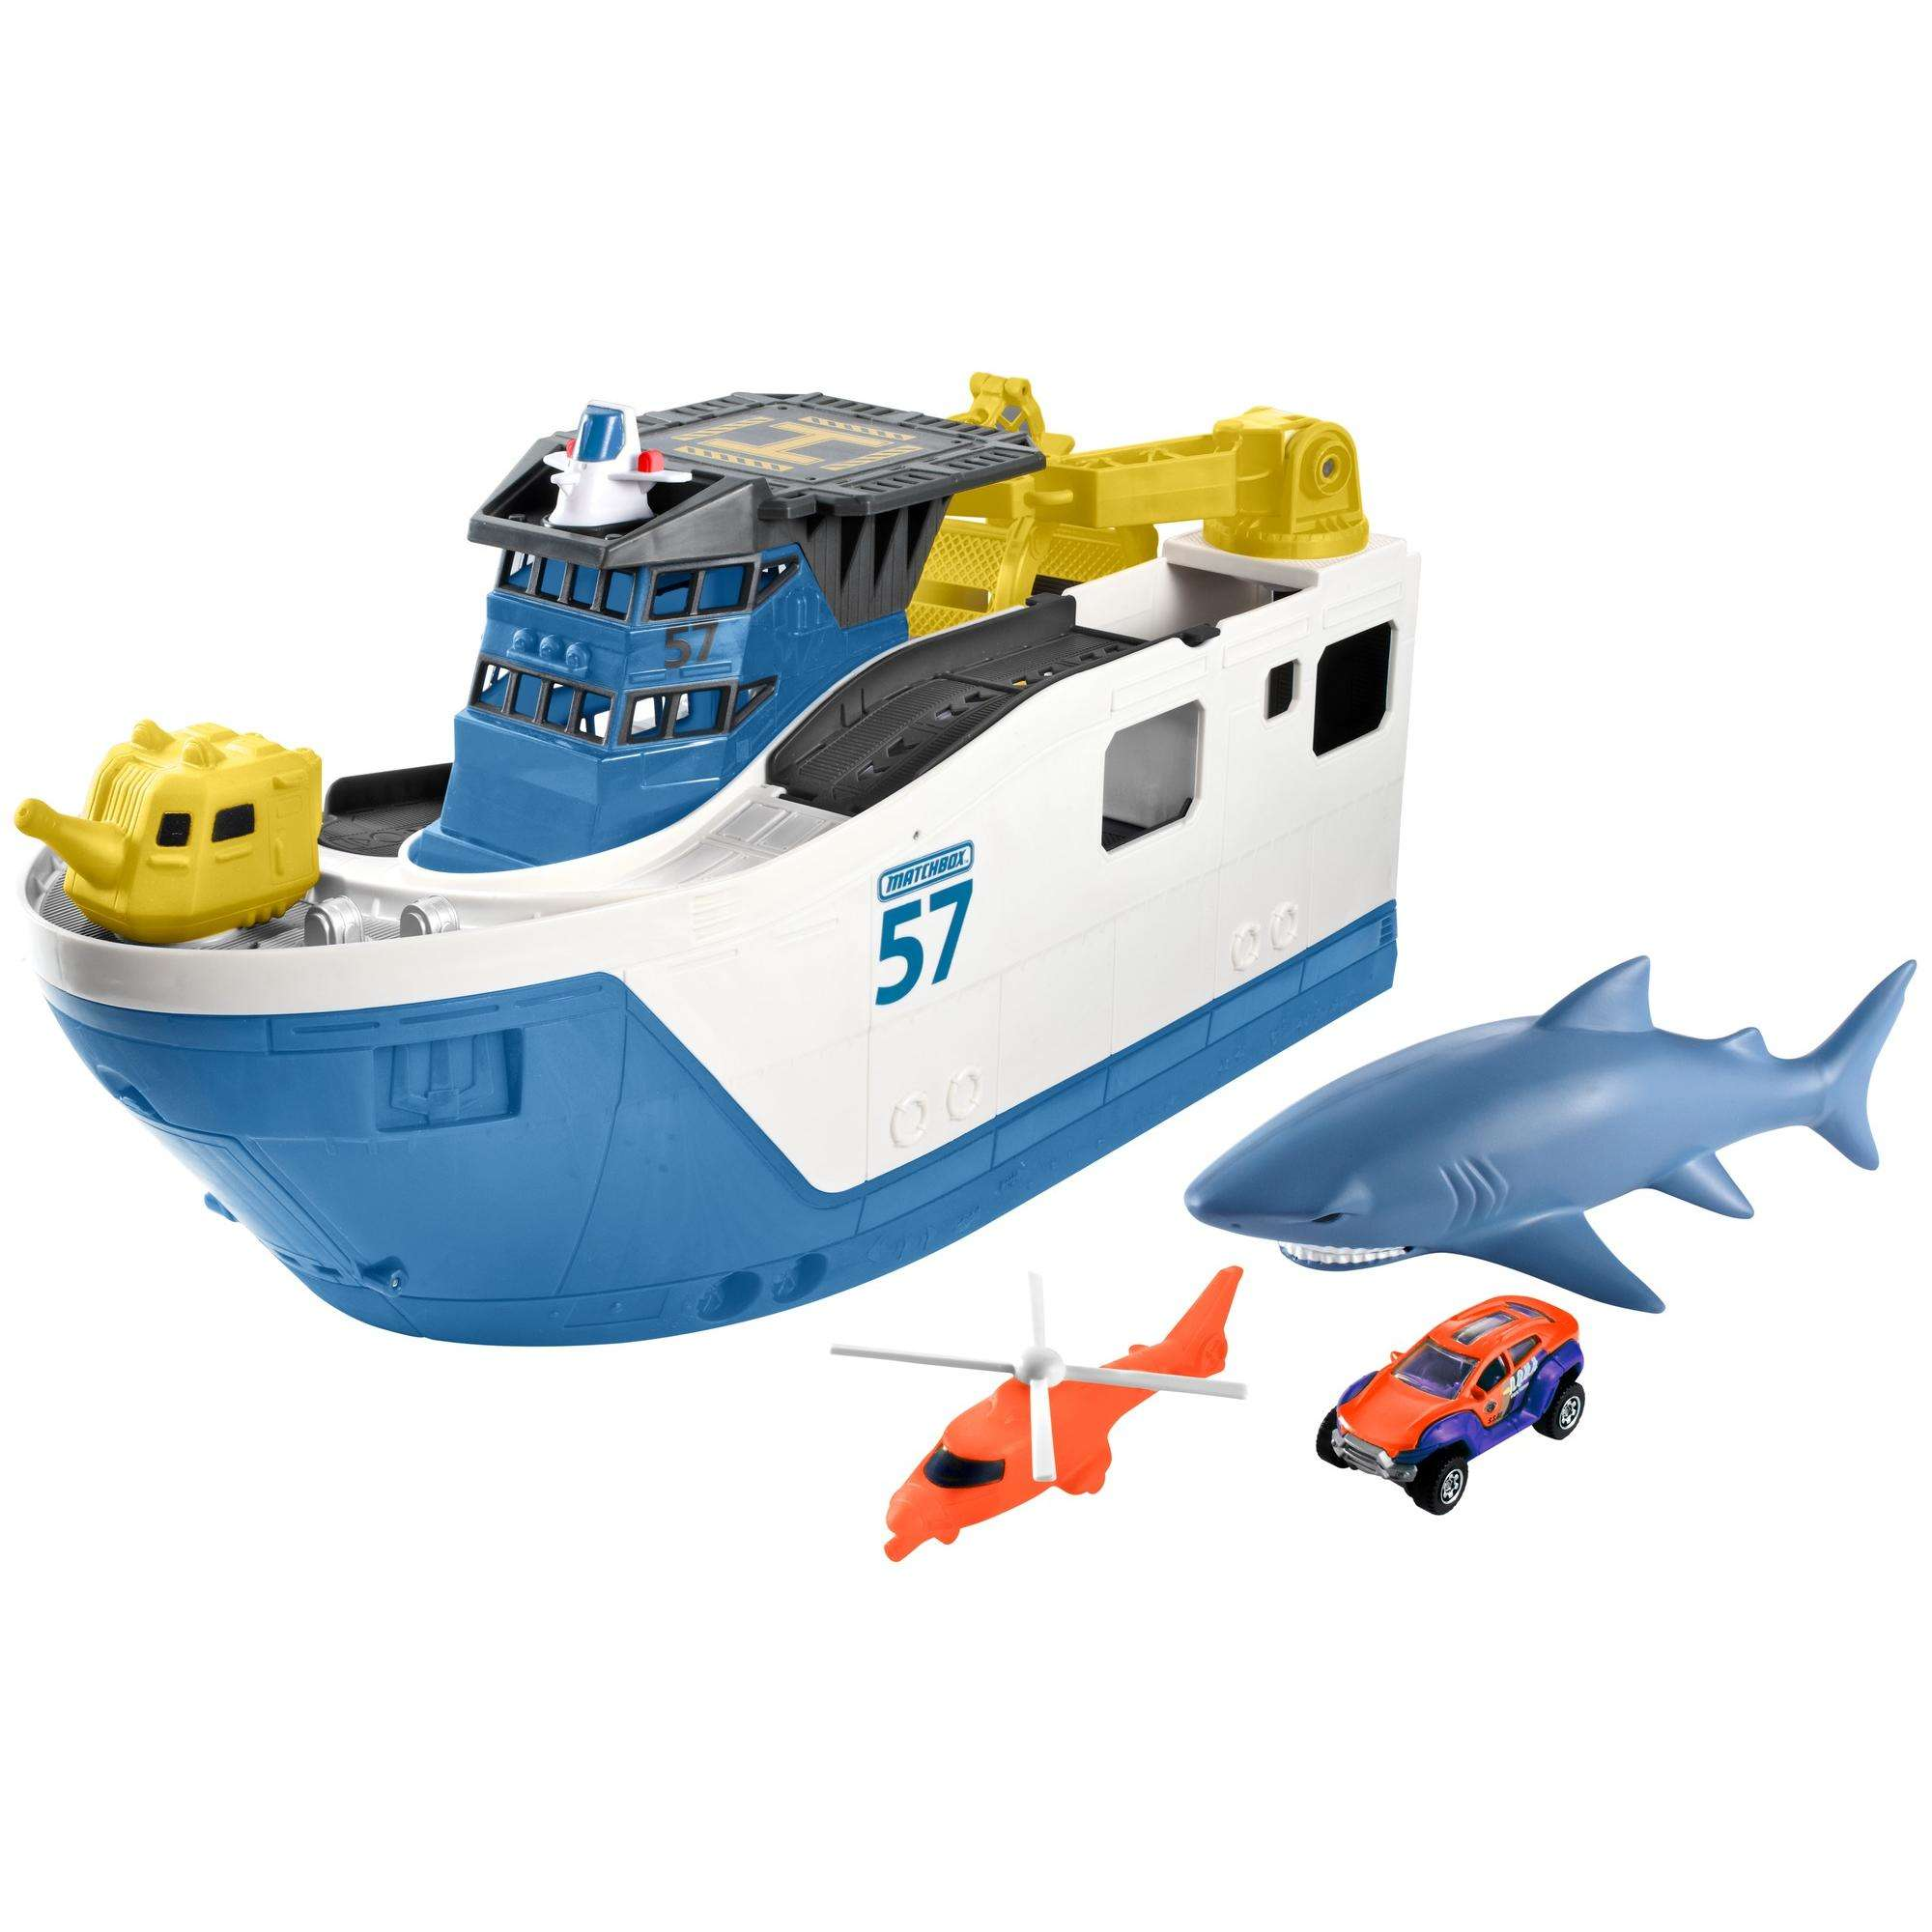 Matchbox Shark Week Shark Ship by Mattel